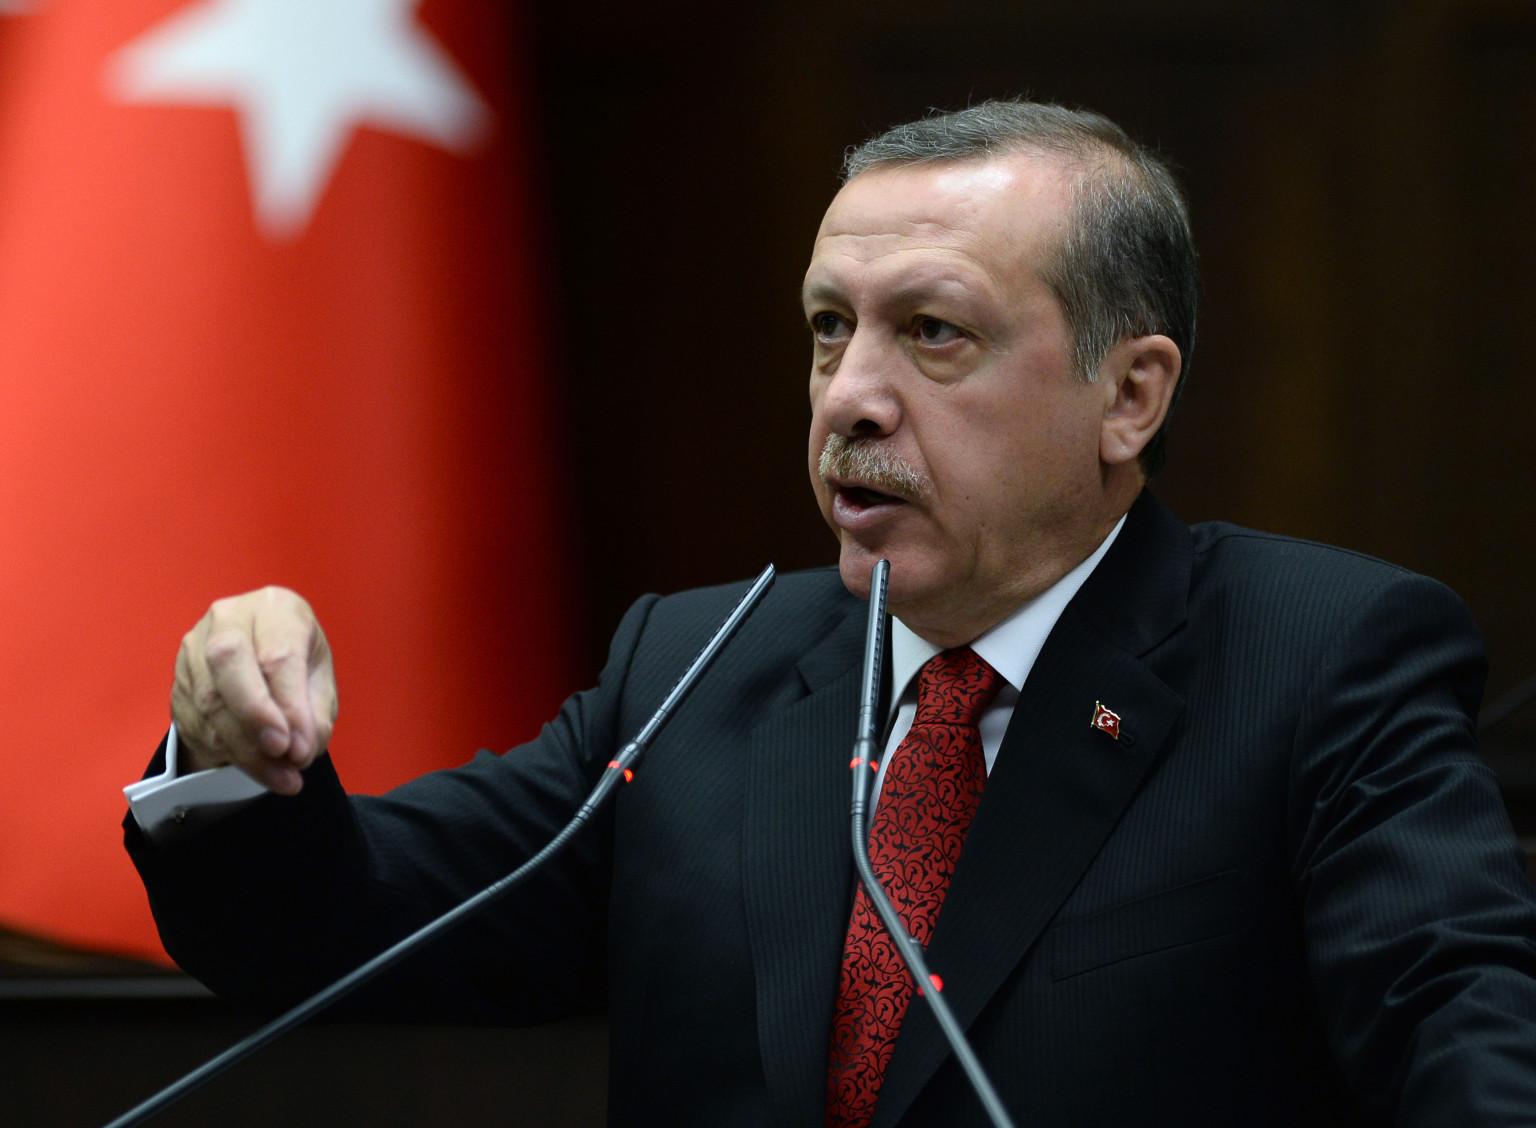 Erdoğan'a salon verilmedi: Avrupa ile ziyaret krizi tekrar mı patlak verecek?